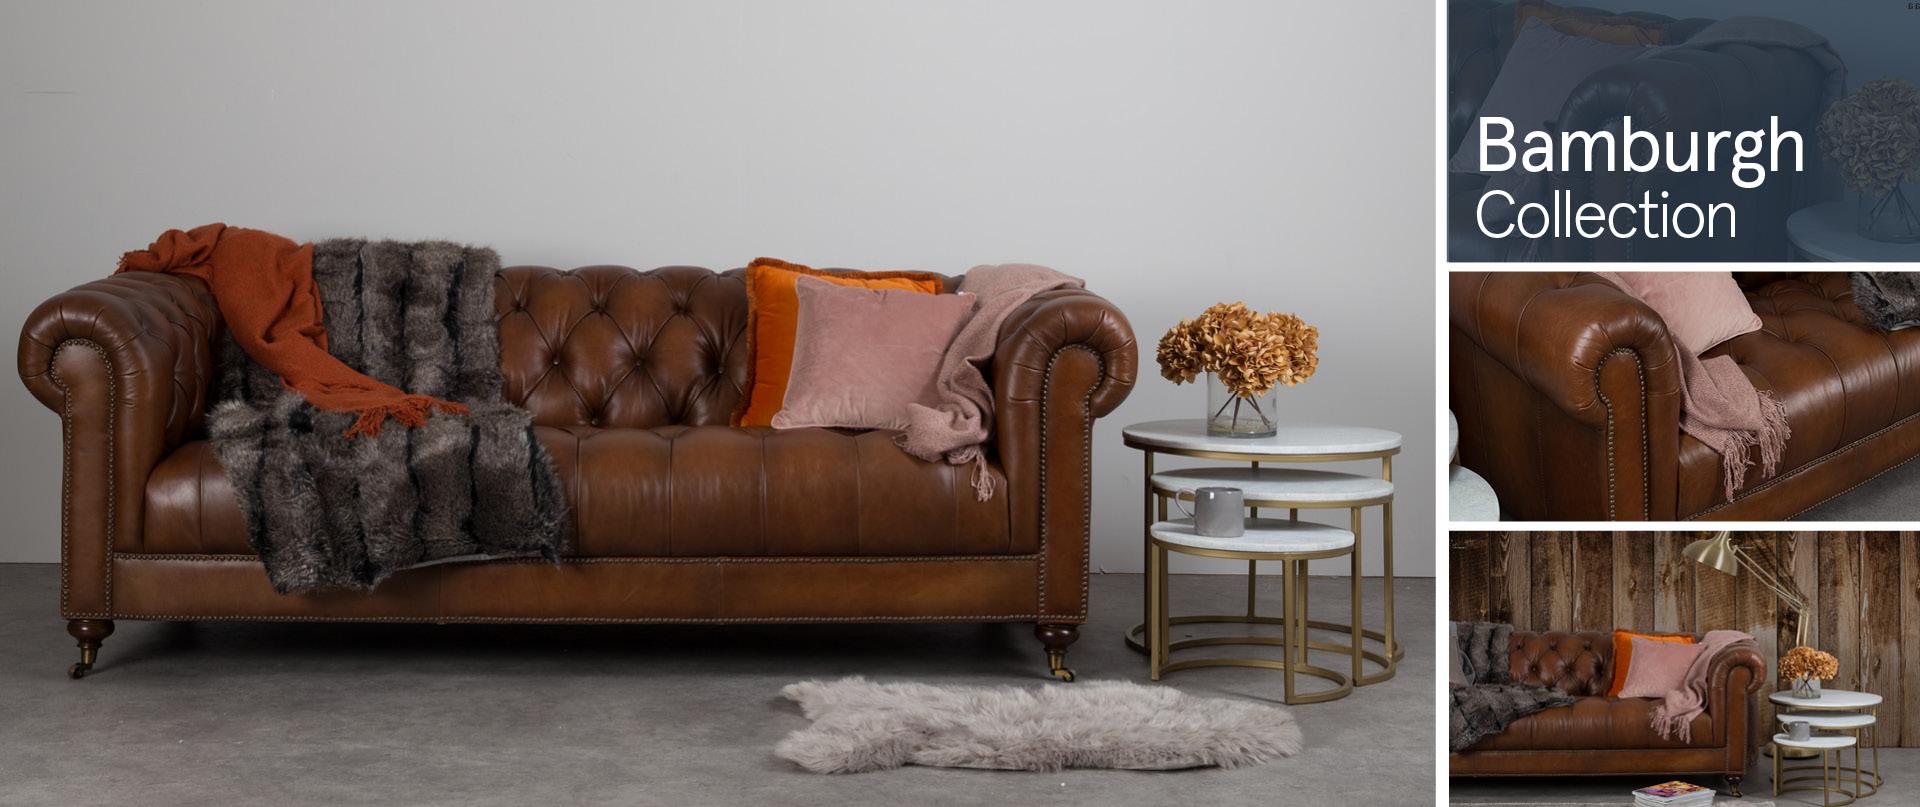 Bamburgh Leather Sofa Ranges